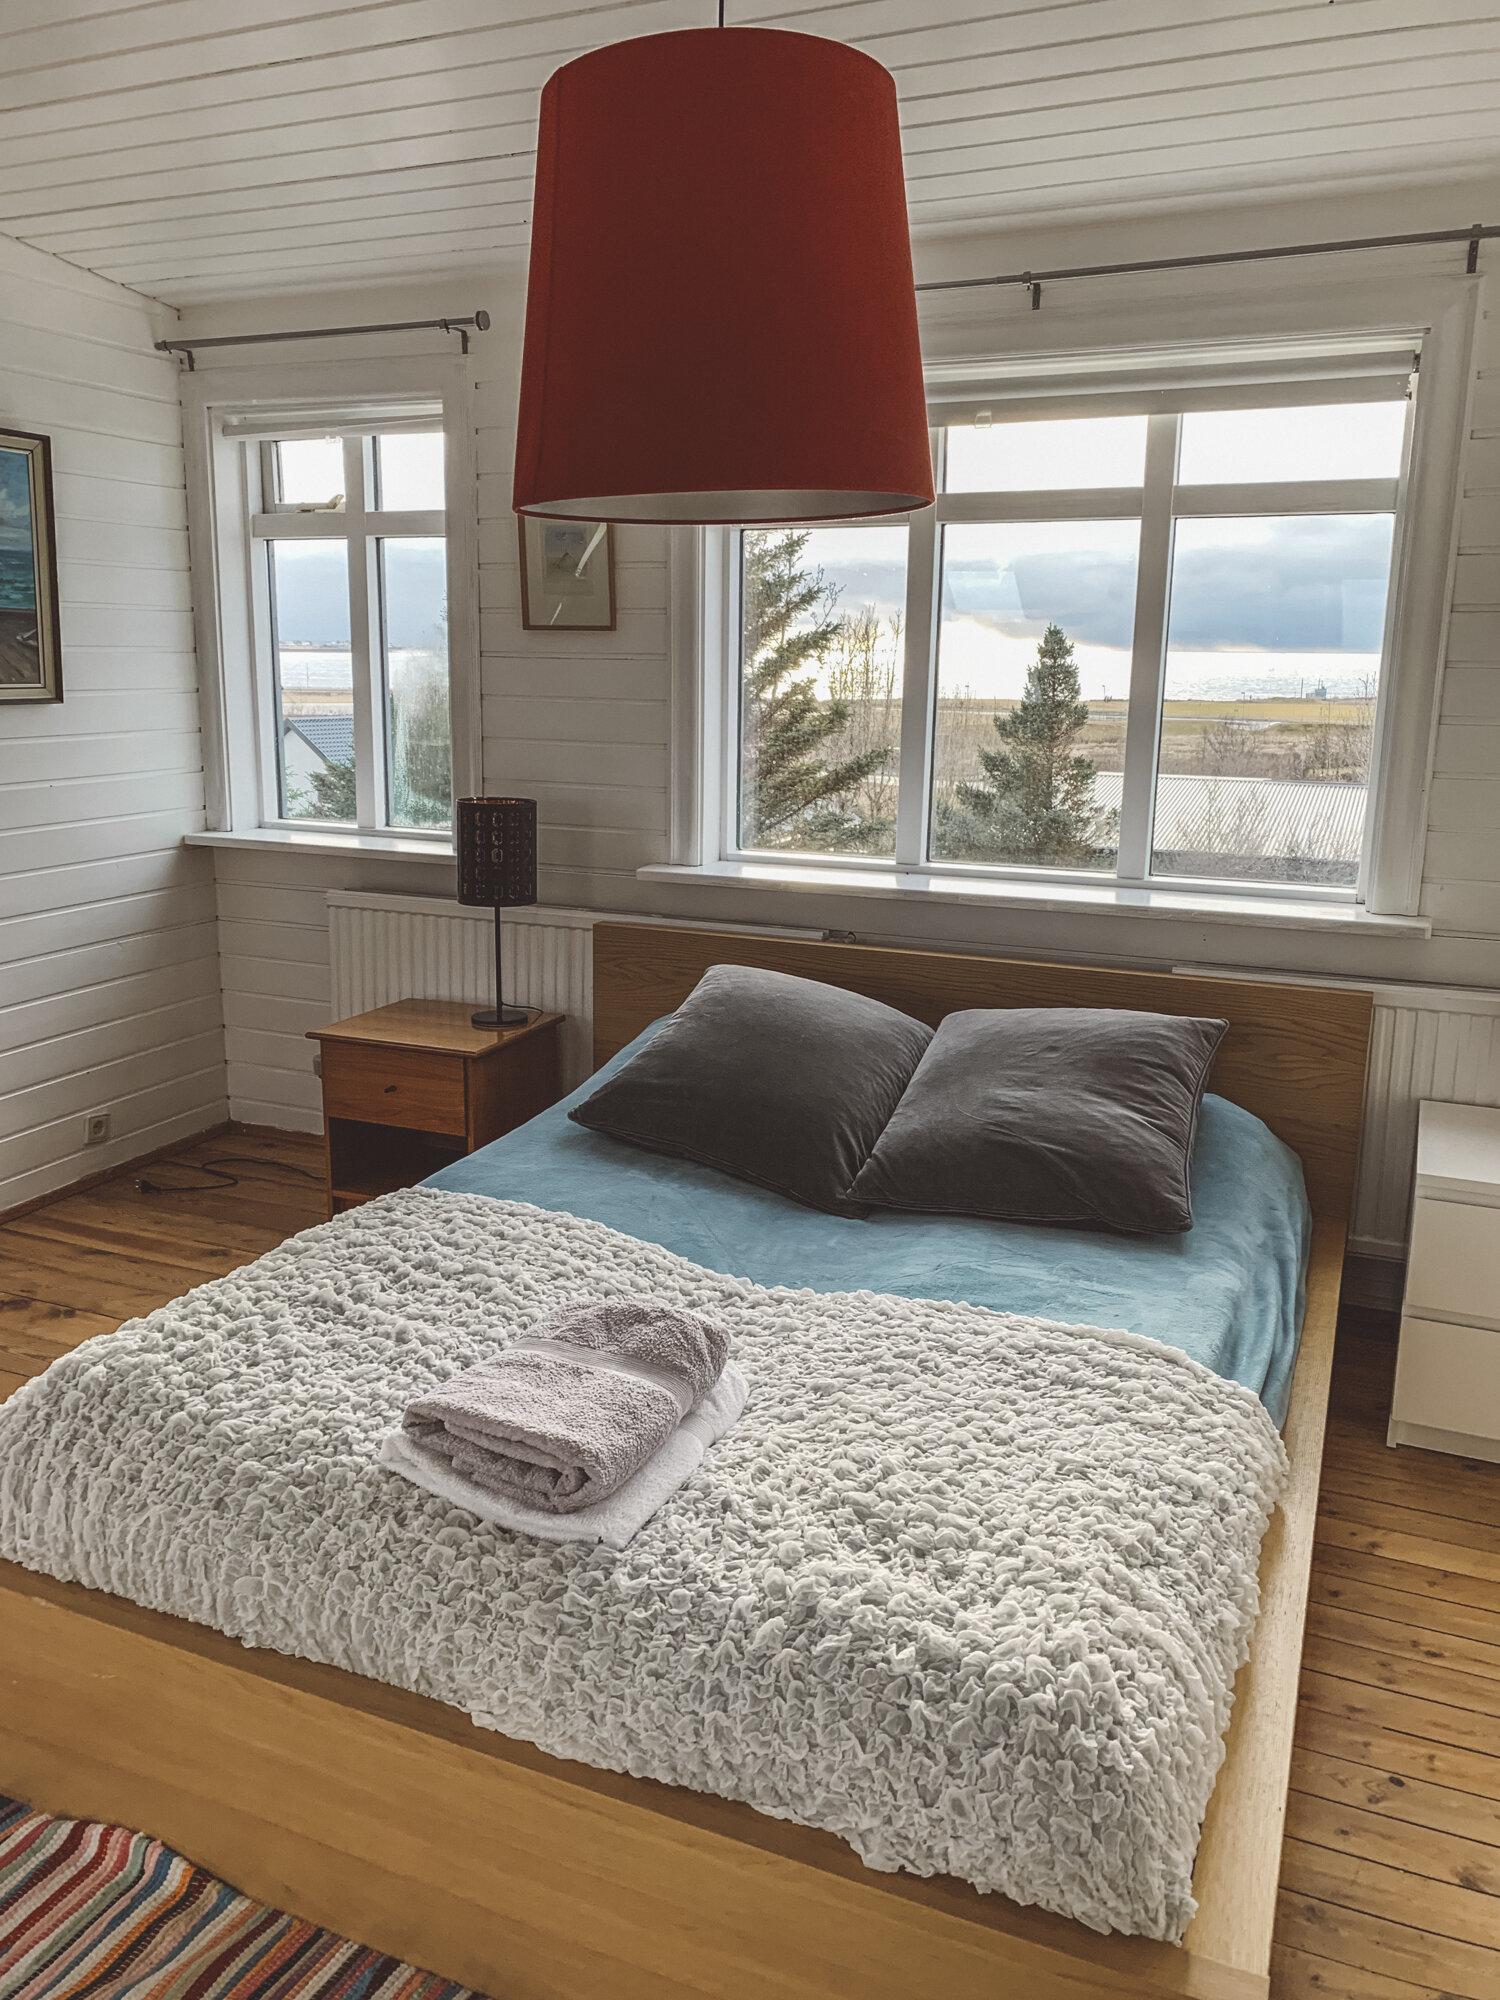 Airbnb在雷克雅未克的一间卧室,窗外可以看到山脉和海港